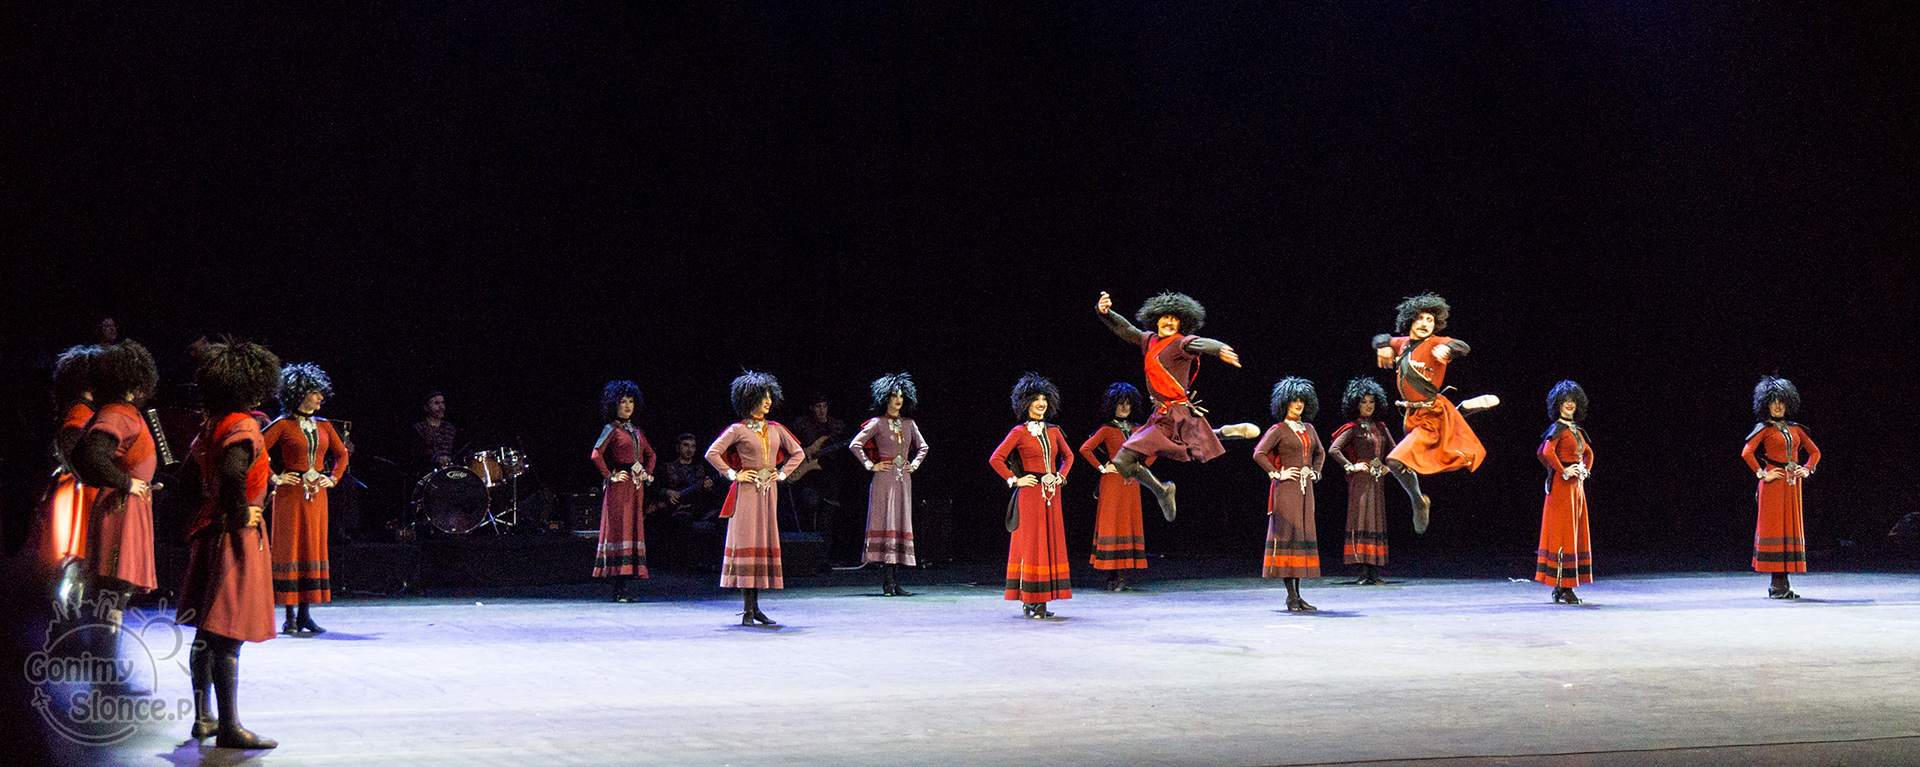 Narodowy Balet Gruzji Sukhishvili 15 blog kulturalny